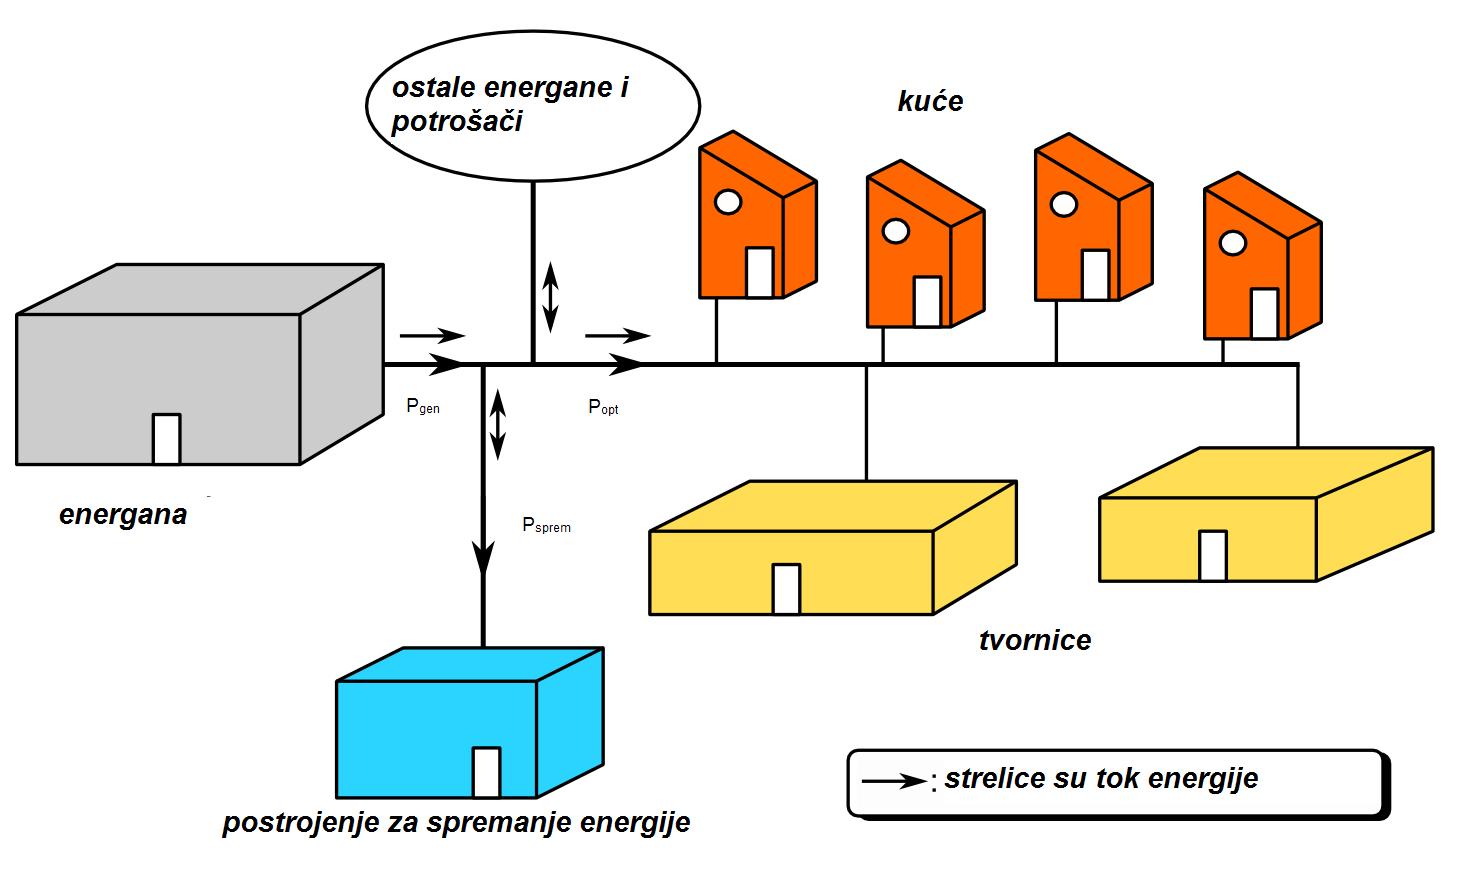 Datoteka Spremanje Električne Energije Png Wikipedija